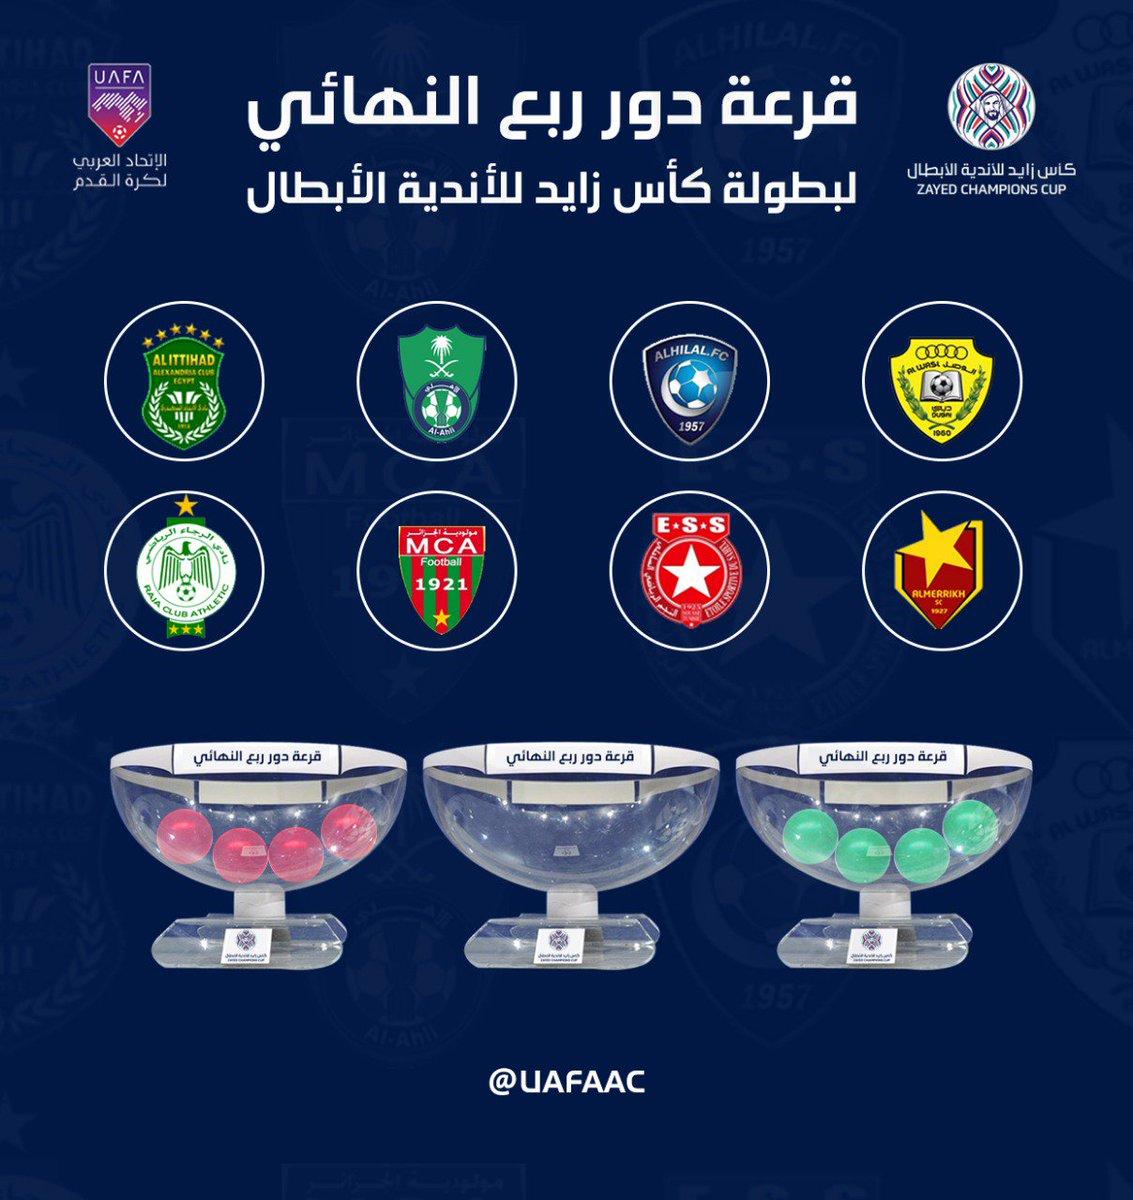 الاتحاد العربي لكرة القدم's photo on #كاس_زايد_للانديه_الابطال